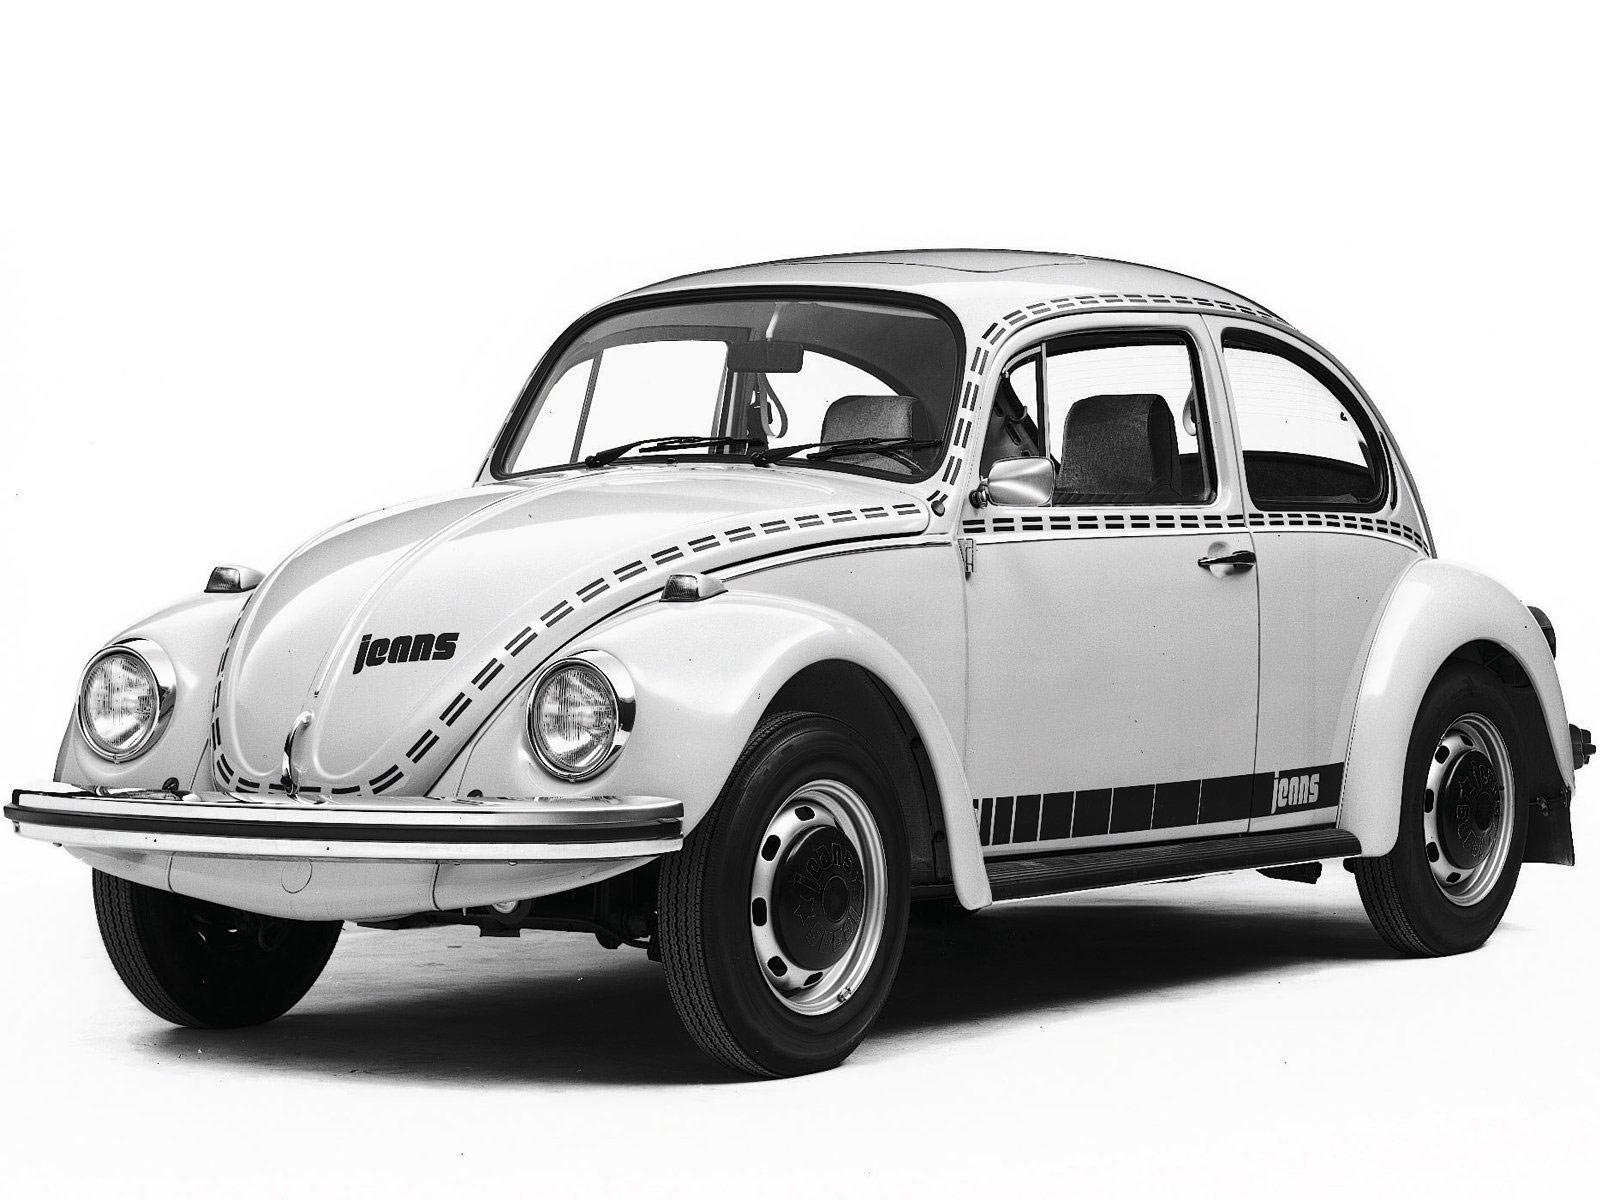 1938 VW Beetle Volkswagen car desktop wallpaper 1600x1200